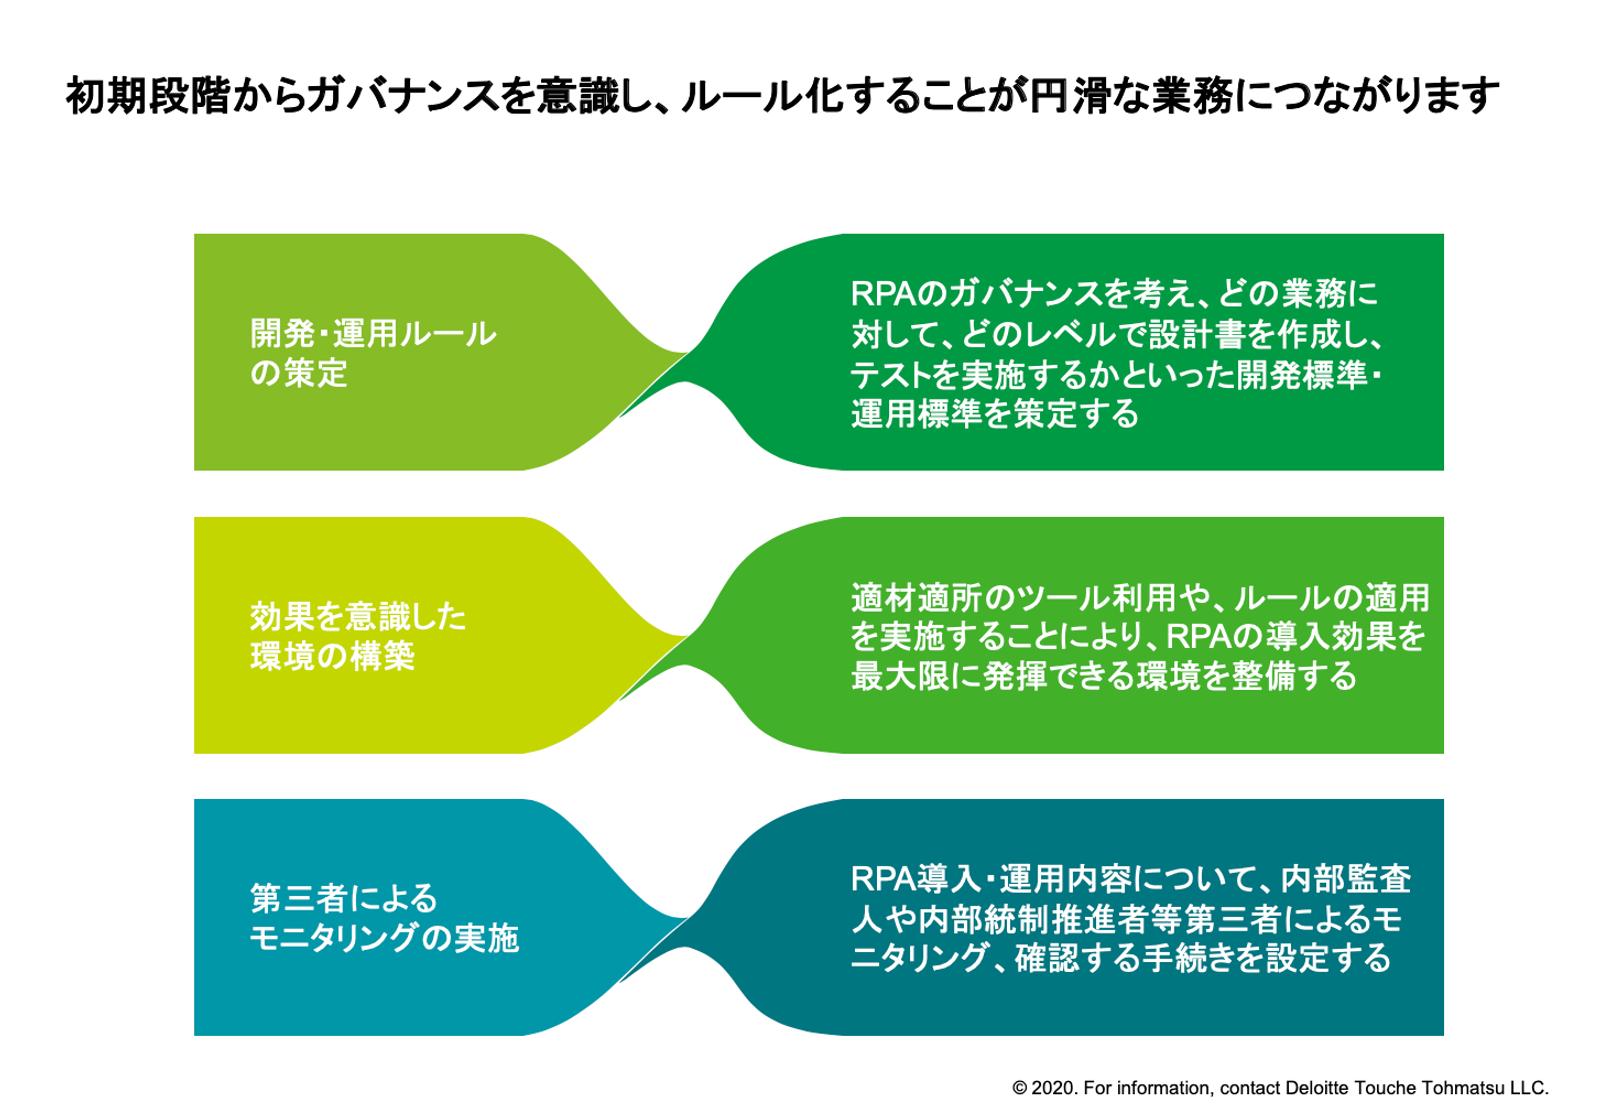 Deloitte-Touche-Tohmatsu-RPA-governance